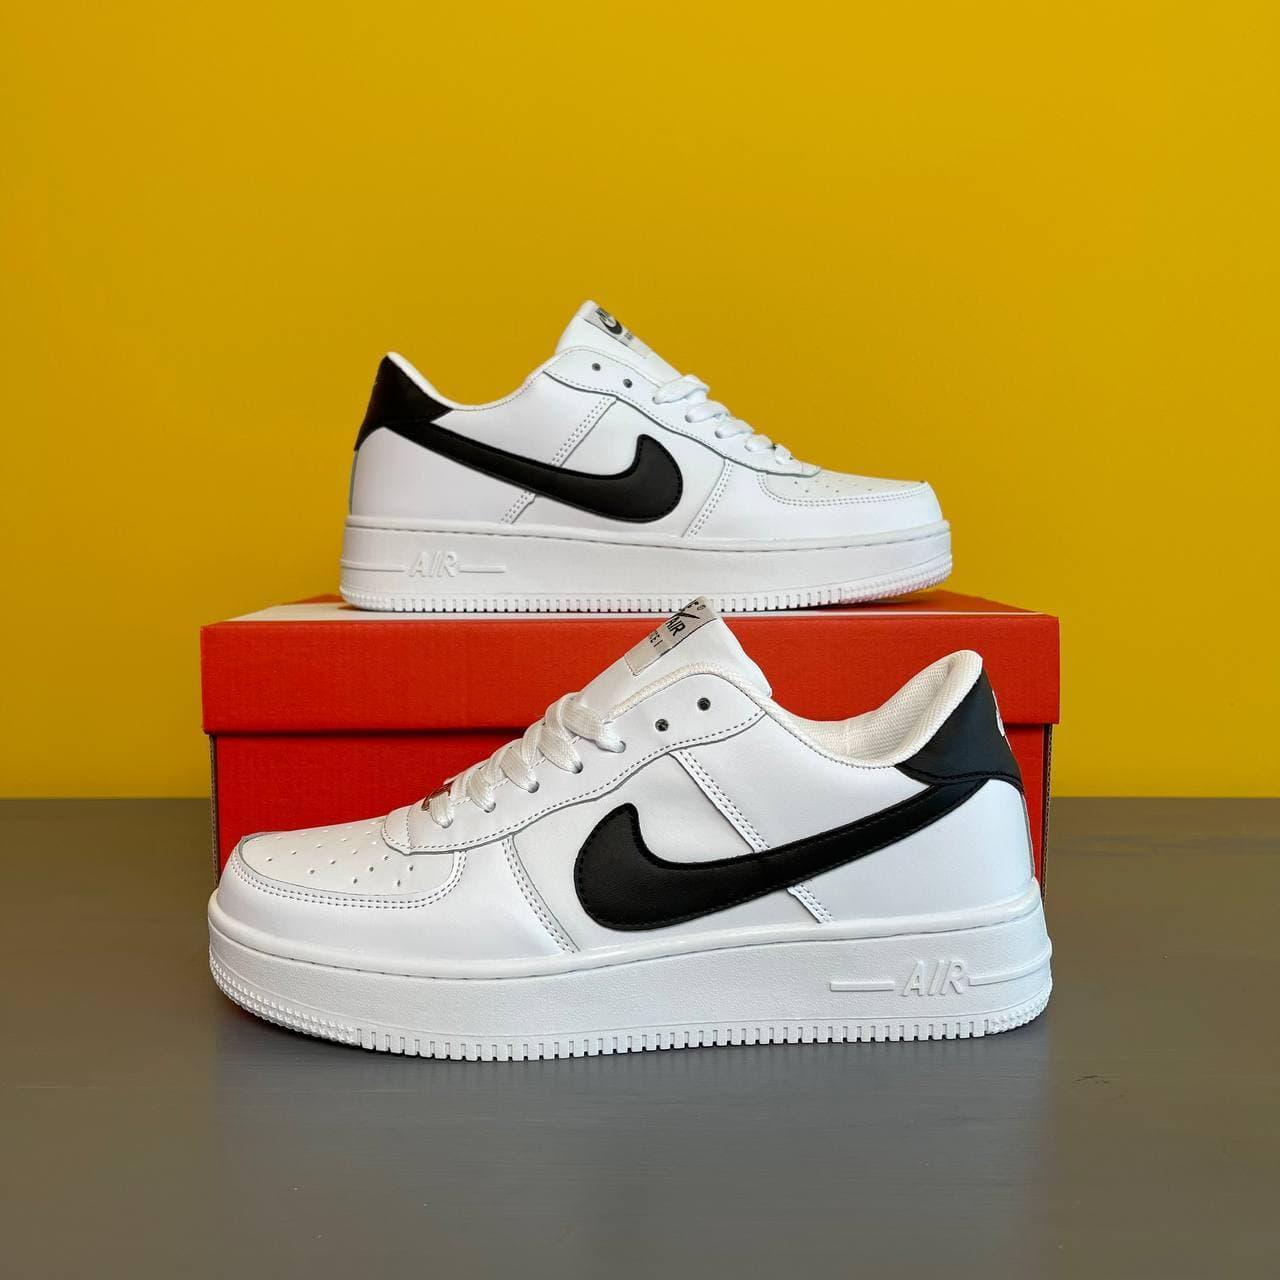 Чоловічі кросівки Nike Air Force 1 (білі) крута взуття з чорним значком DА1195